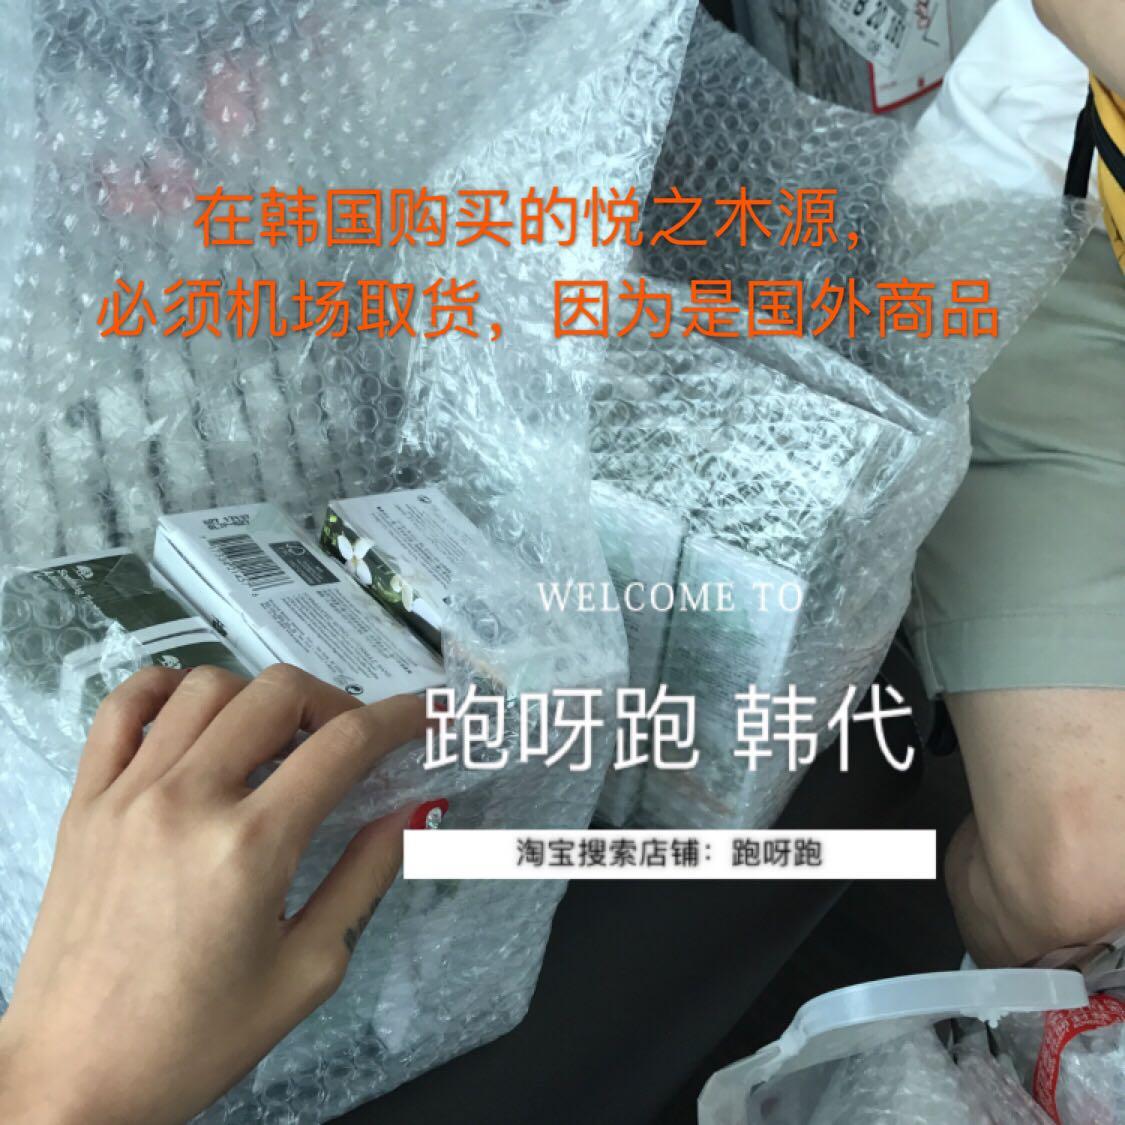 跑呀跑韩国正品 悦之木源 三代菌菇水 解决痘痘和泛红 舒缓 现货优惠券